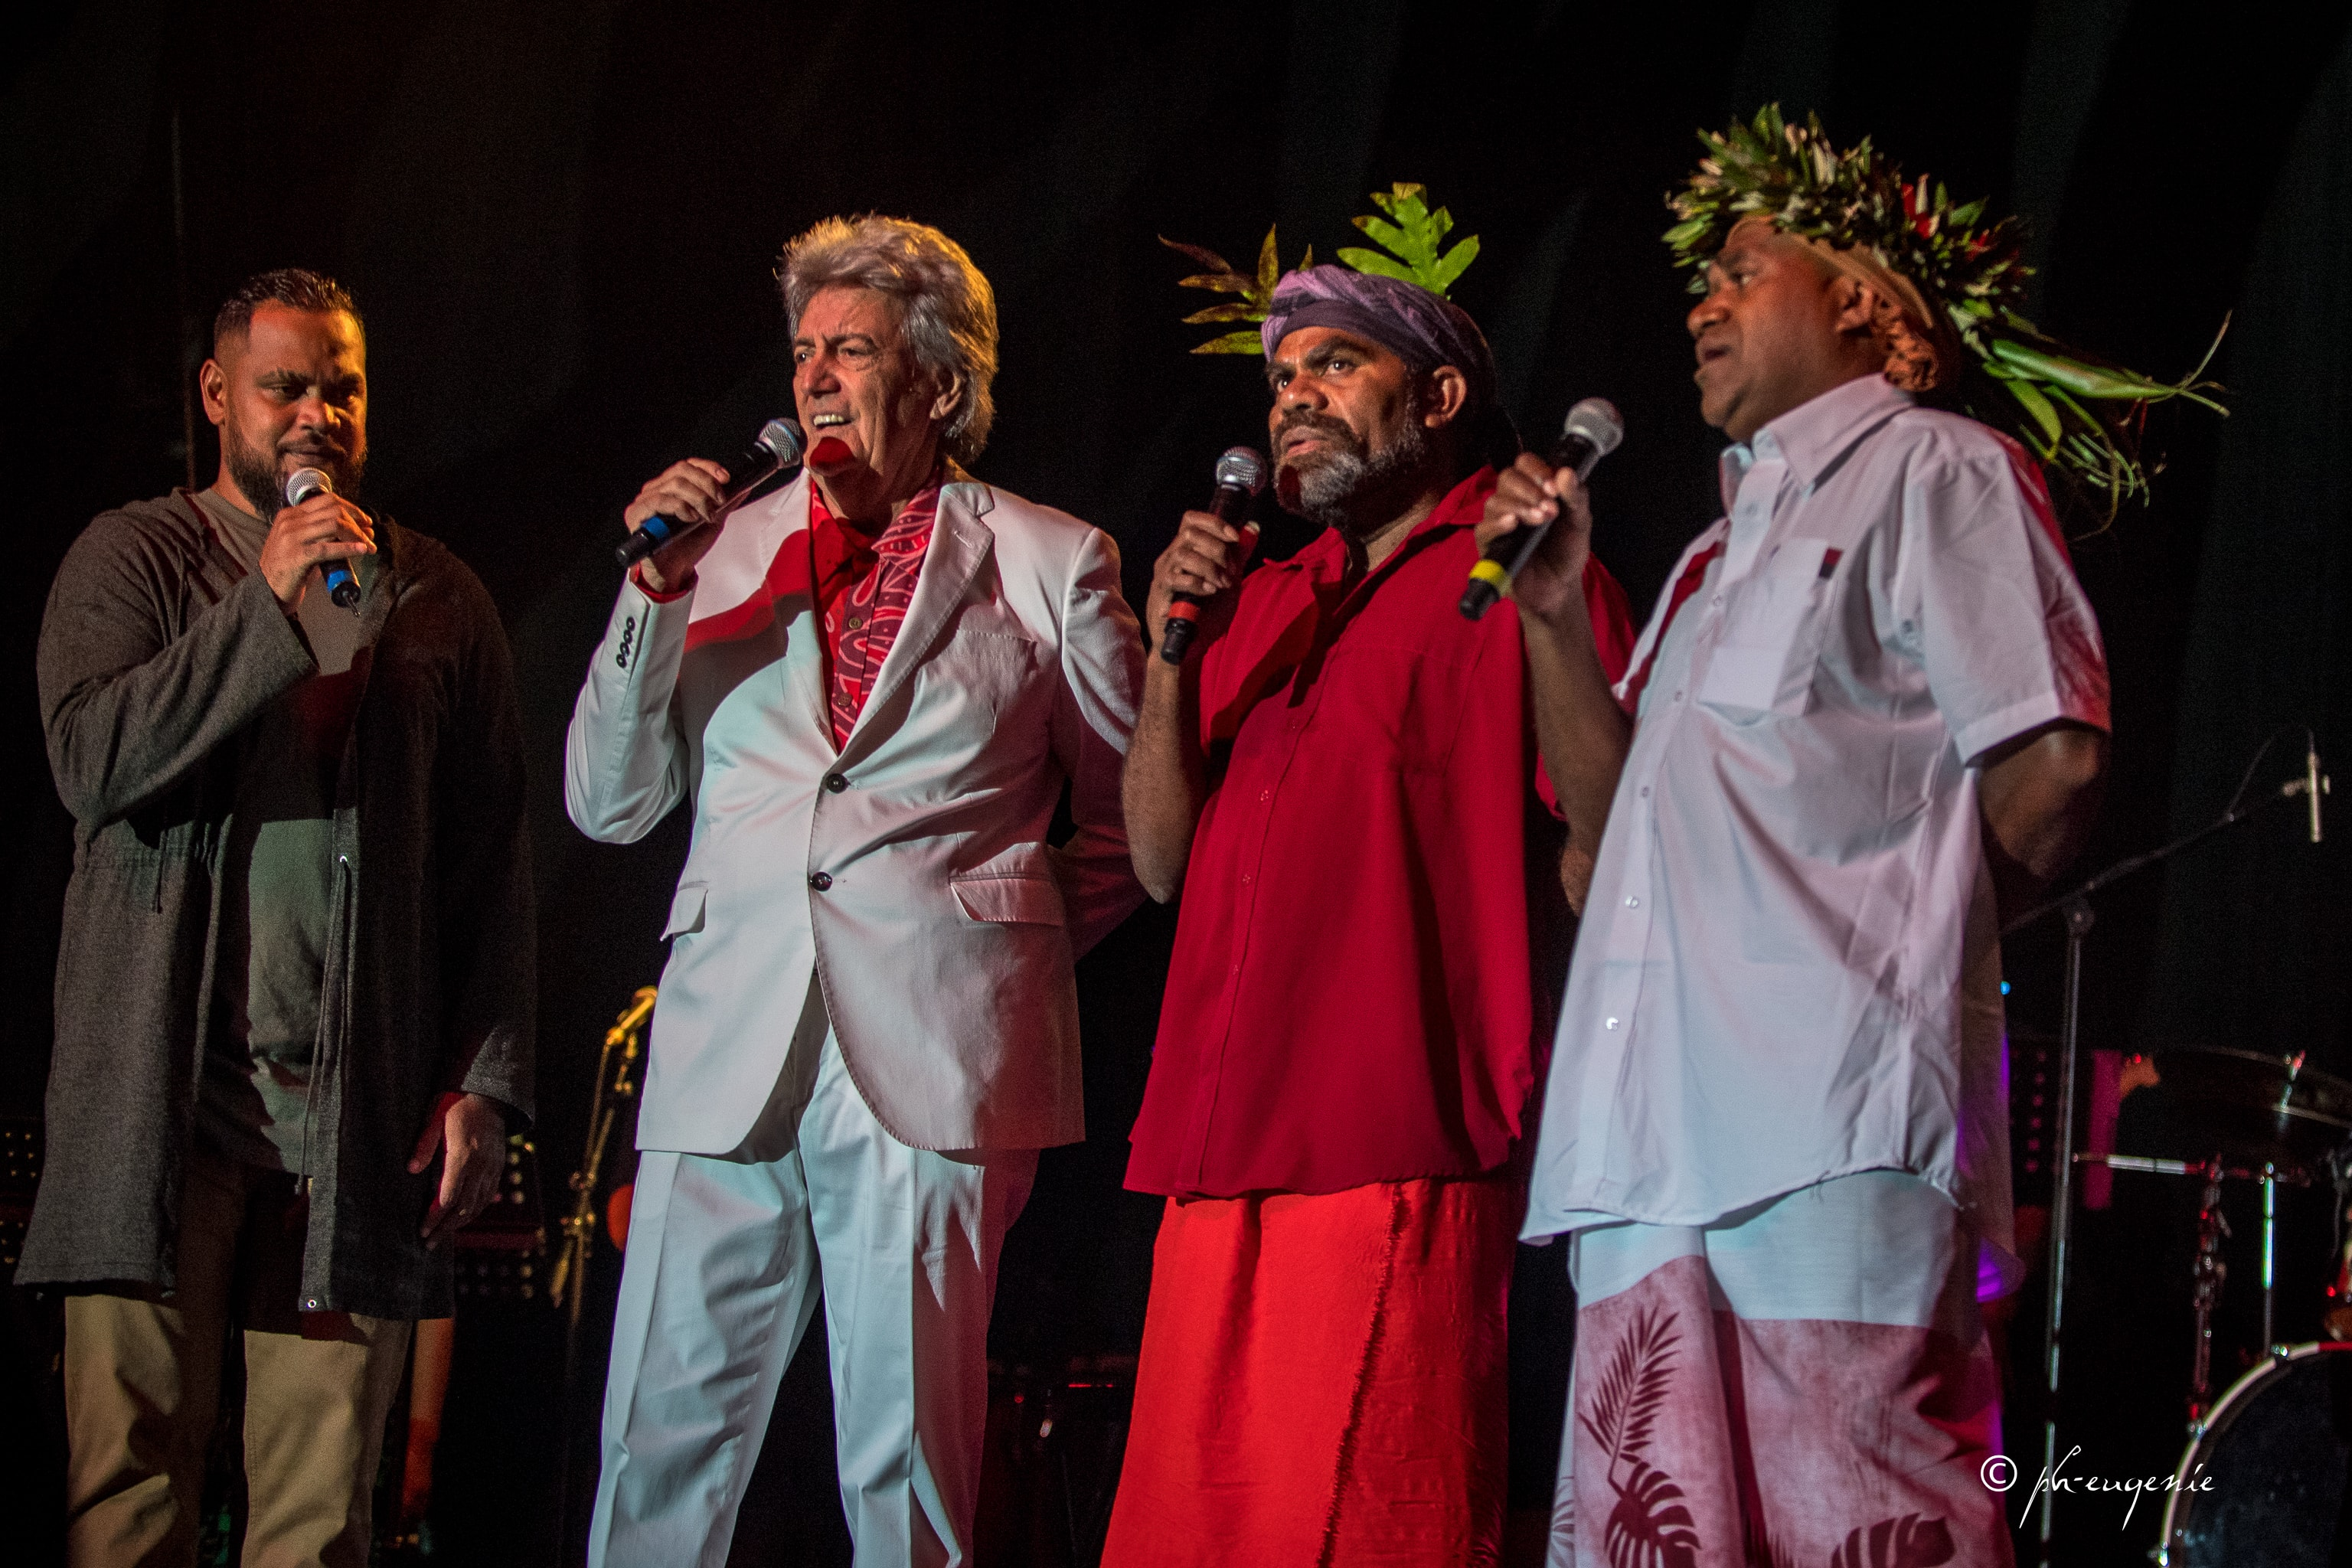 Gabilou et de nombreux artistes en concert le 28 septembre à la Maison de la culture